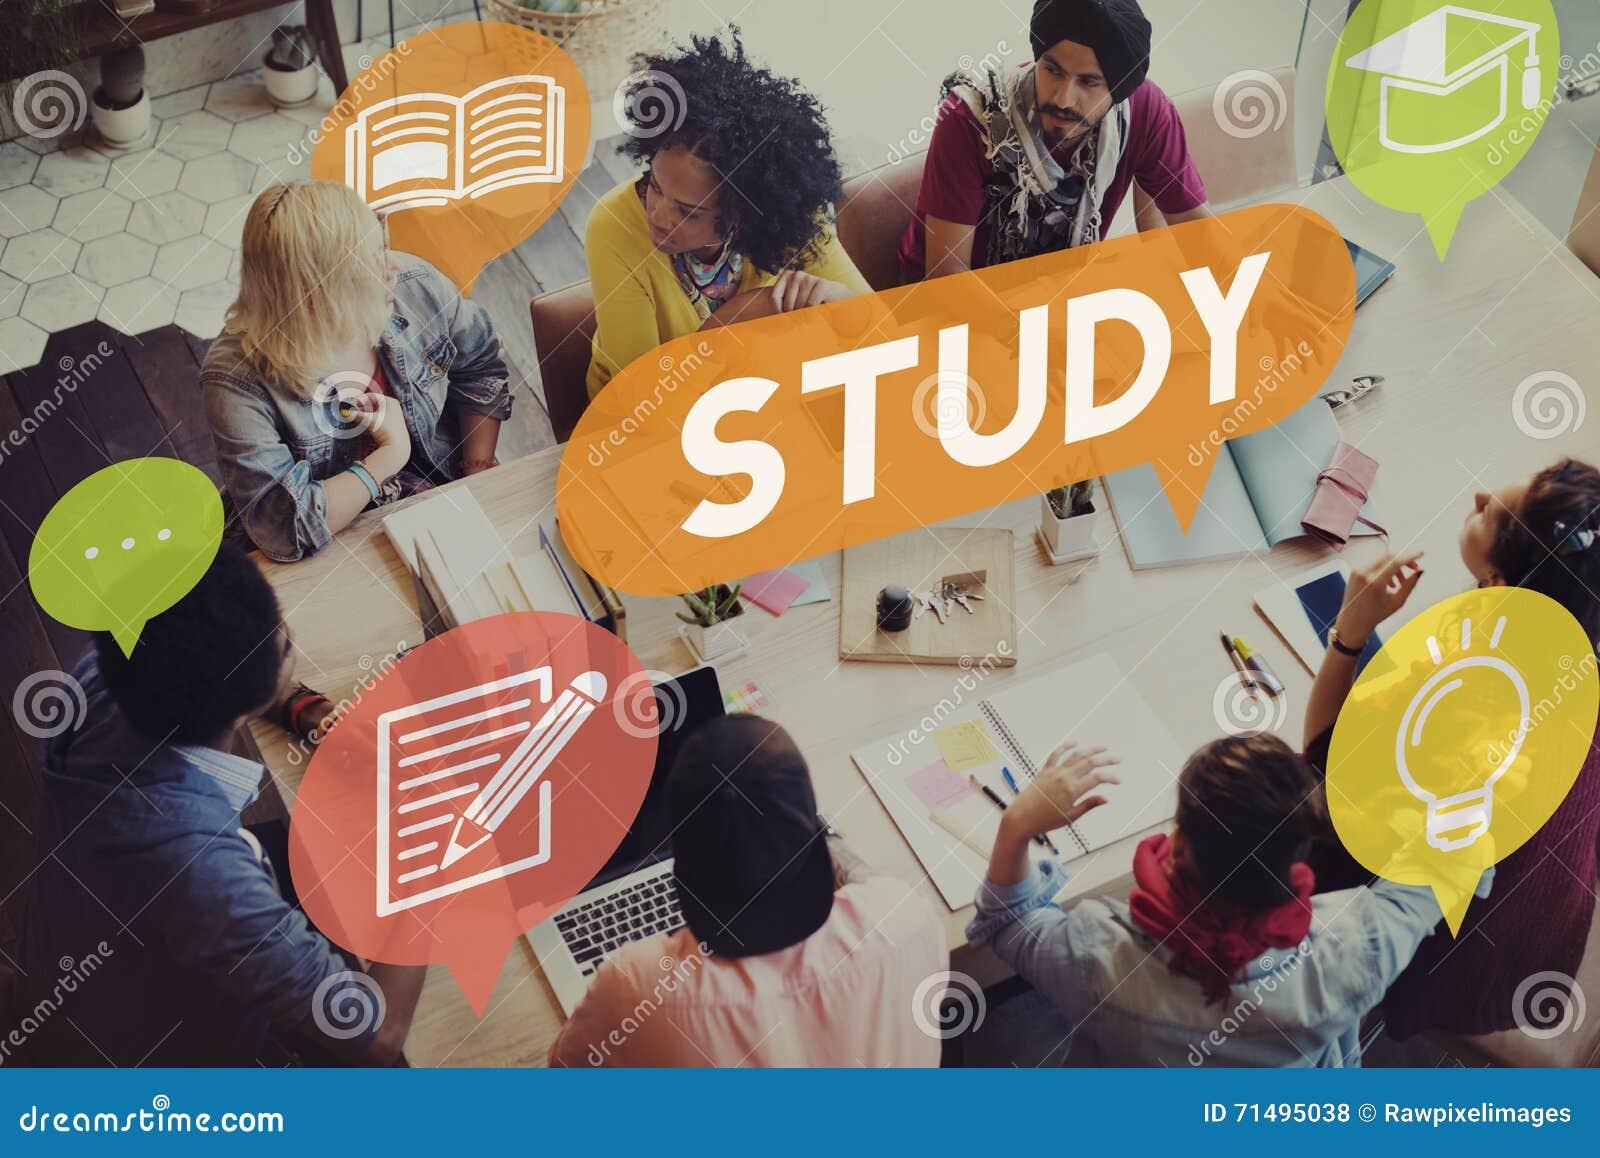 Studieonderwijs het Leren Verbetering Inzichtsconcept